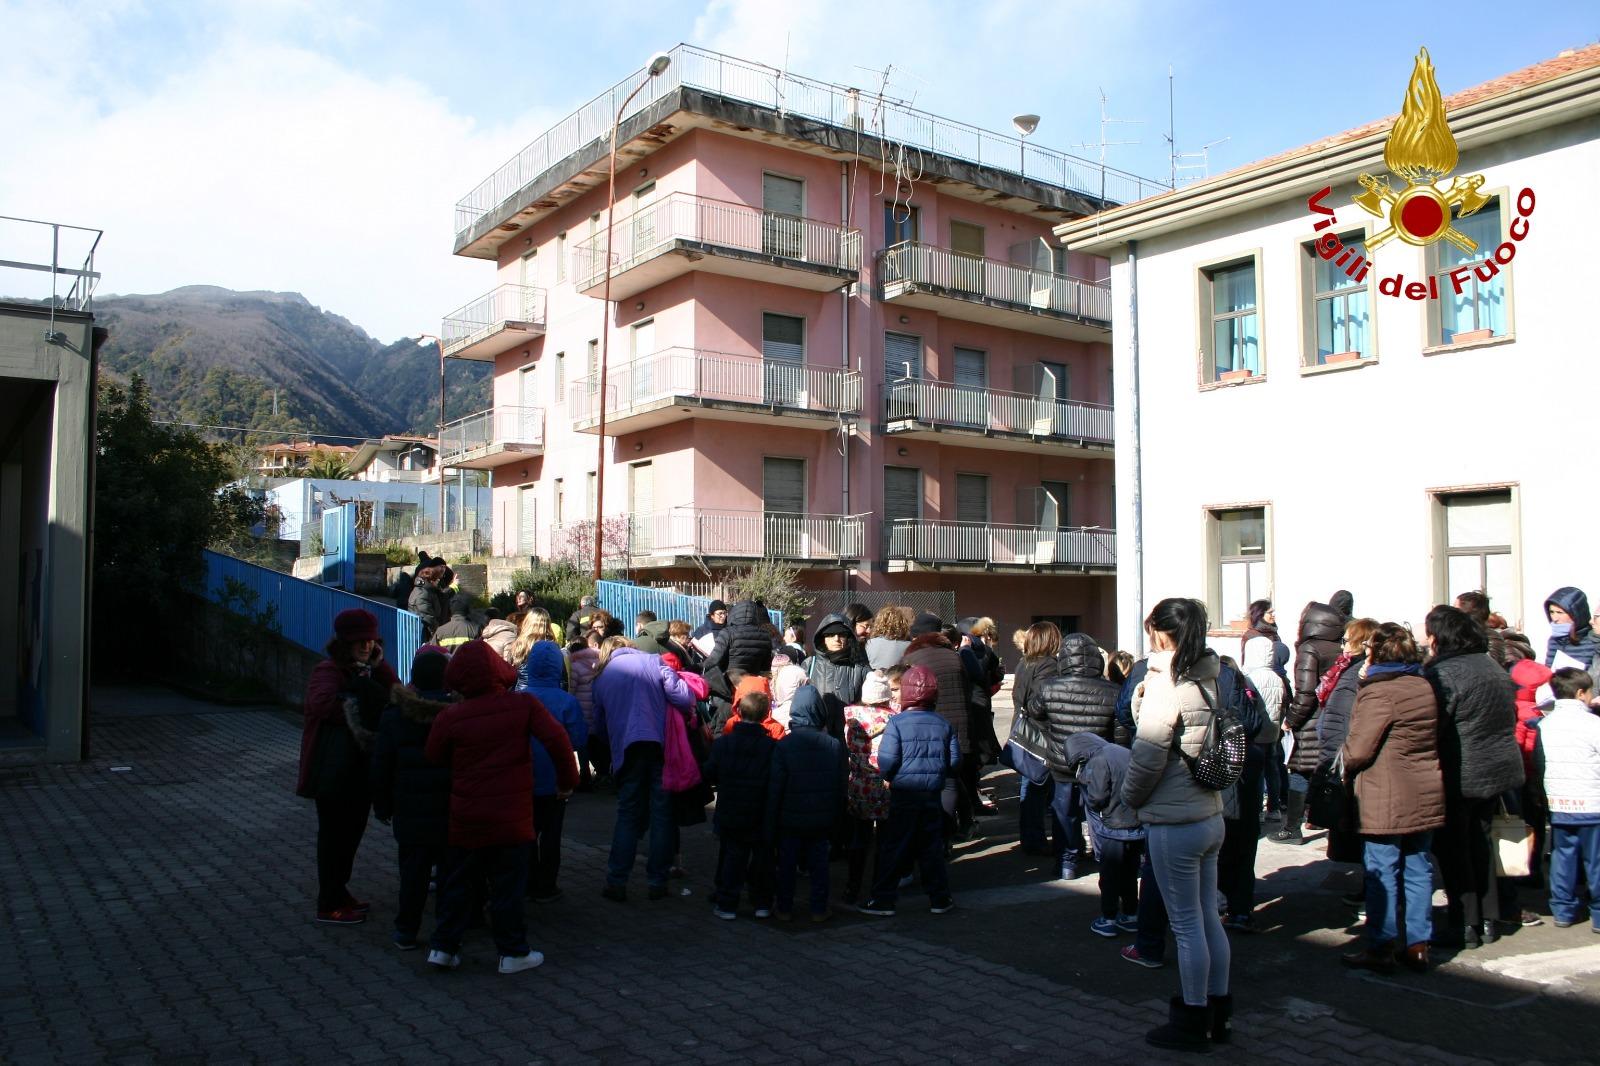 Trema la terra nel Catanese: scuole evacuate a Zafferana, le FOTO e il VIDEO di quei momenti